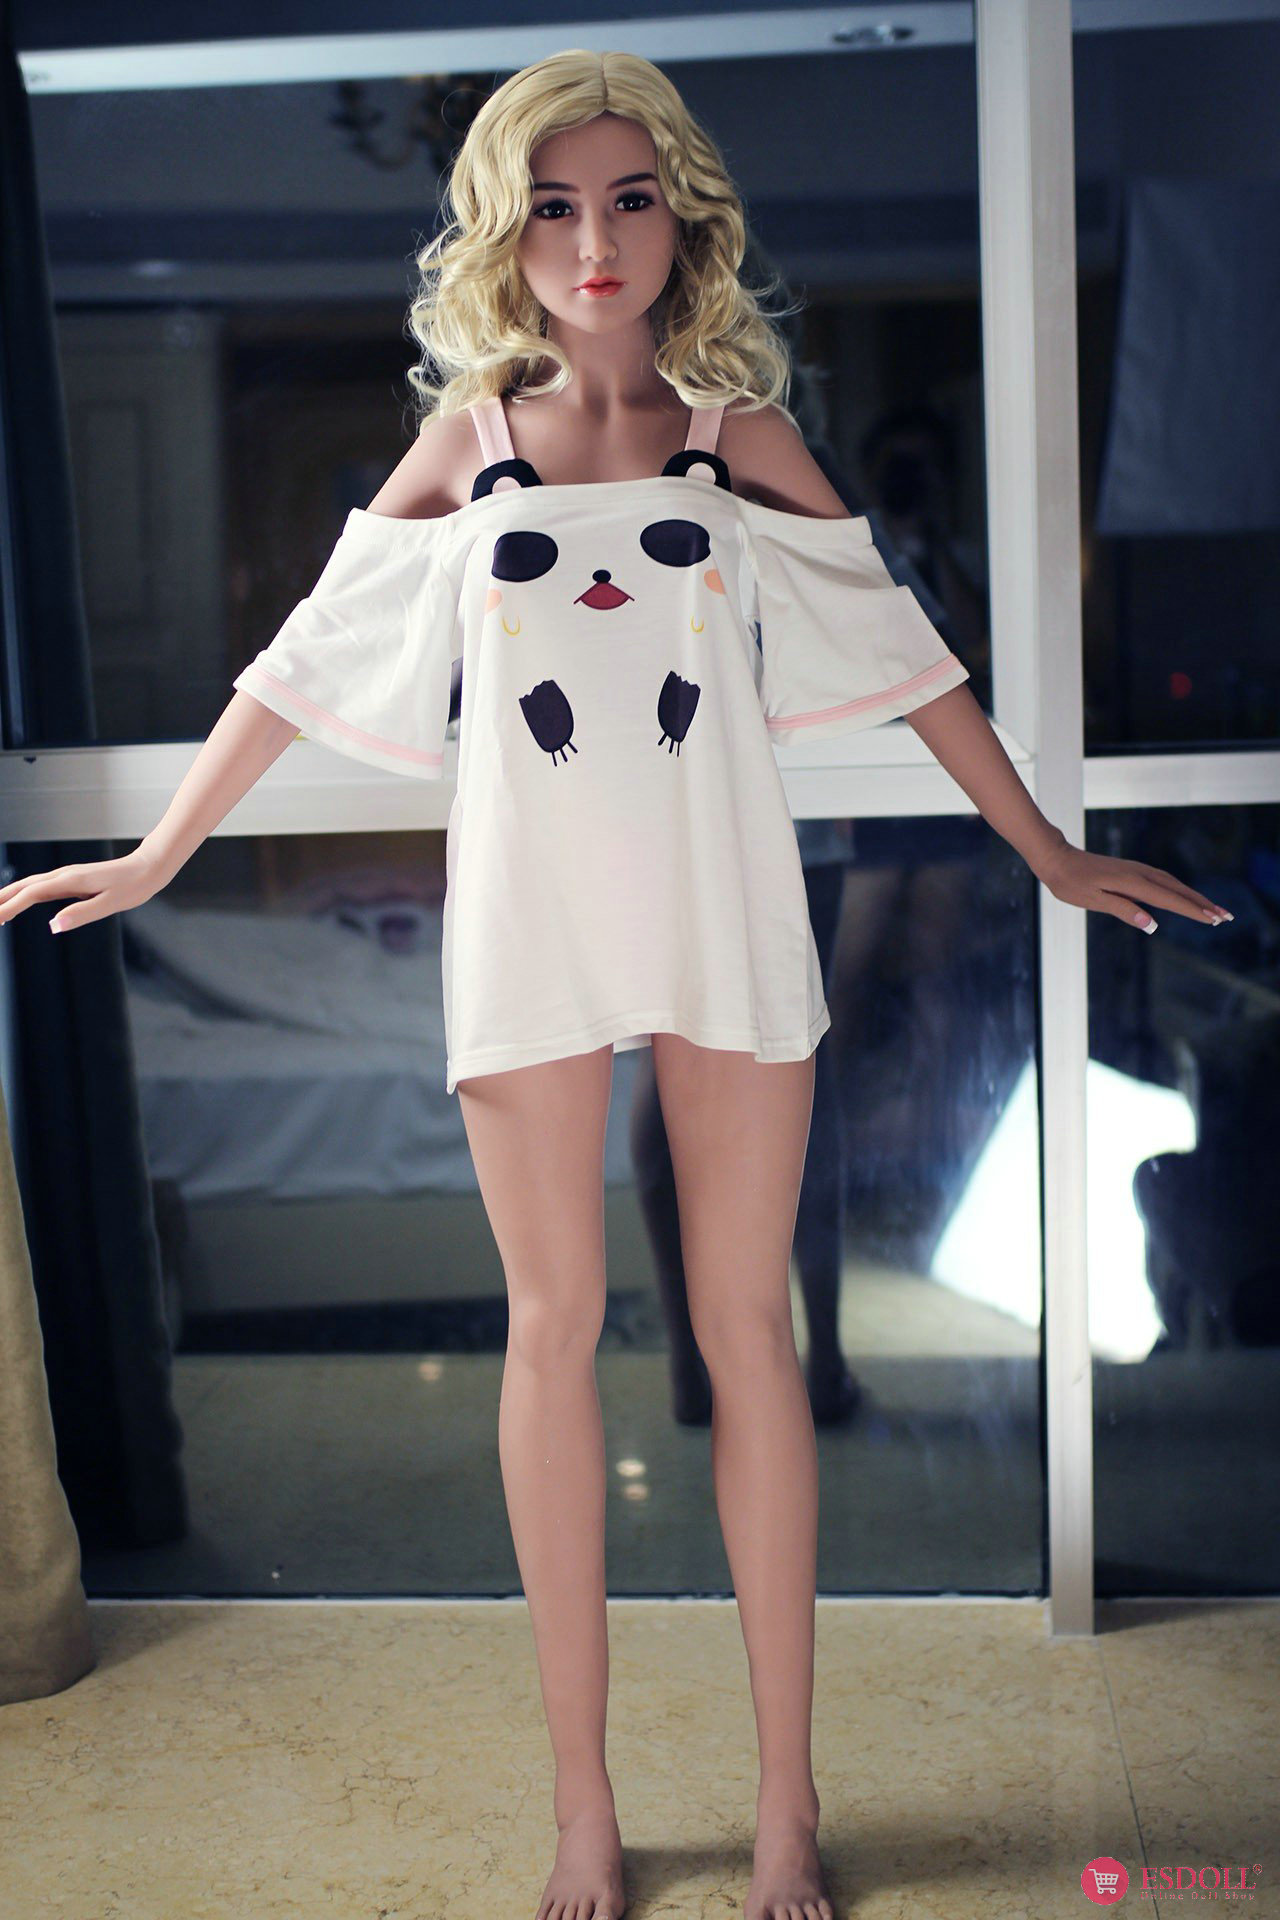 156cm 5.12ft Bonnie Silicone sex doll - 1